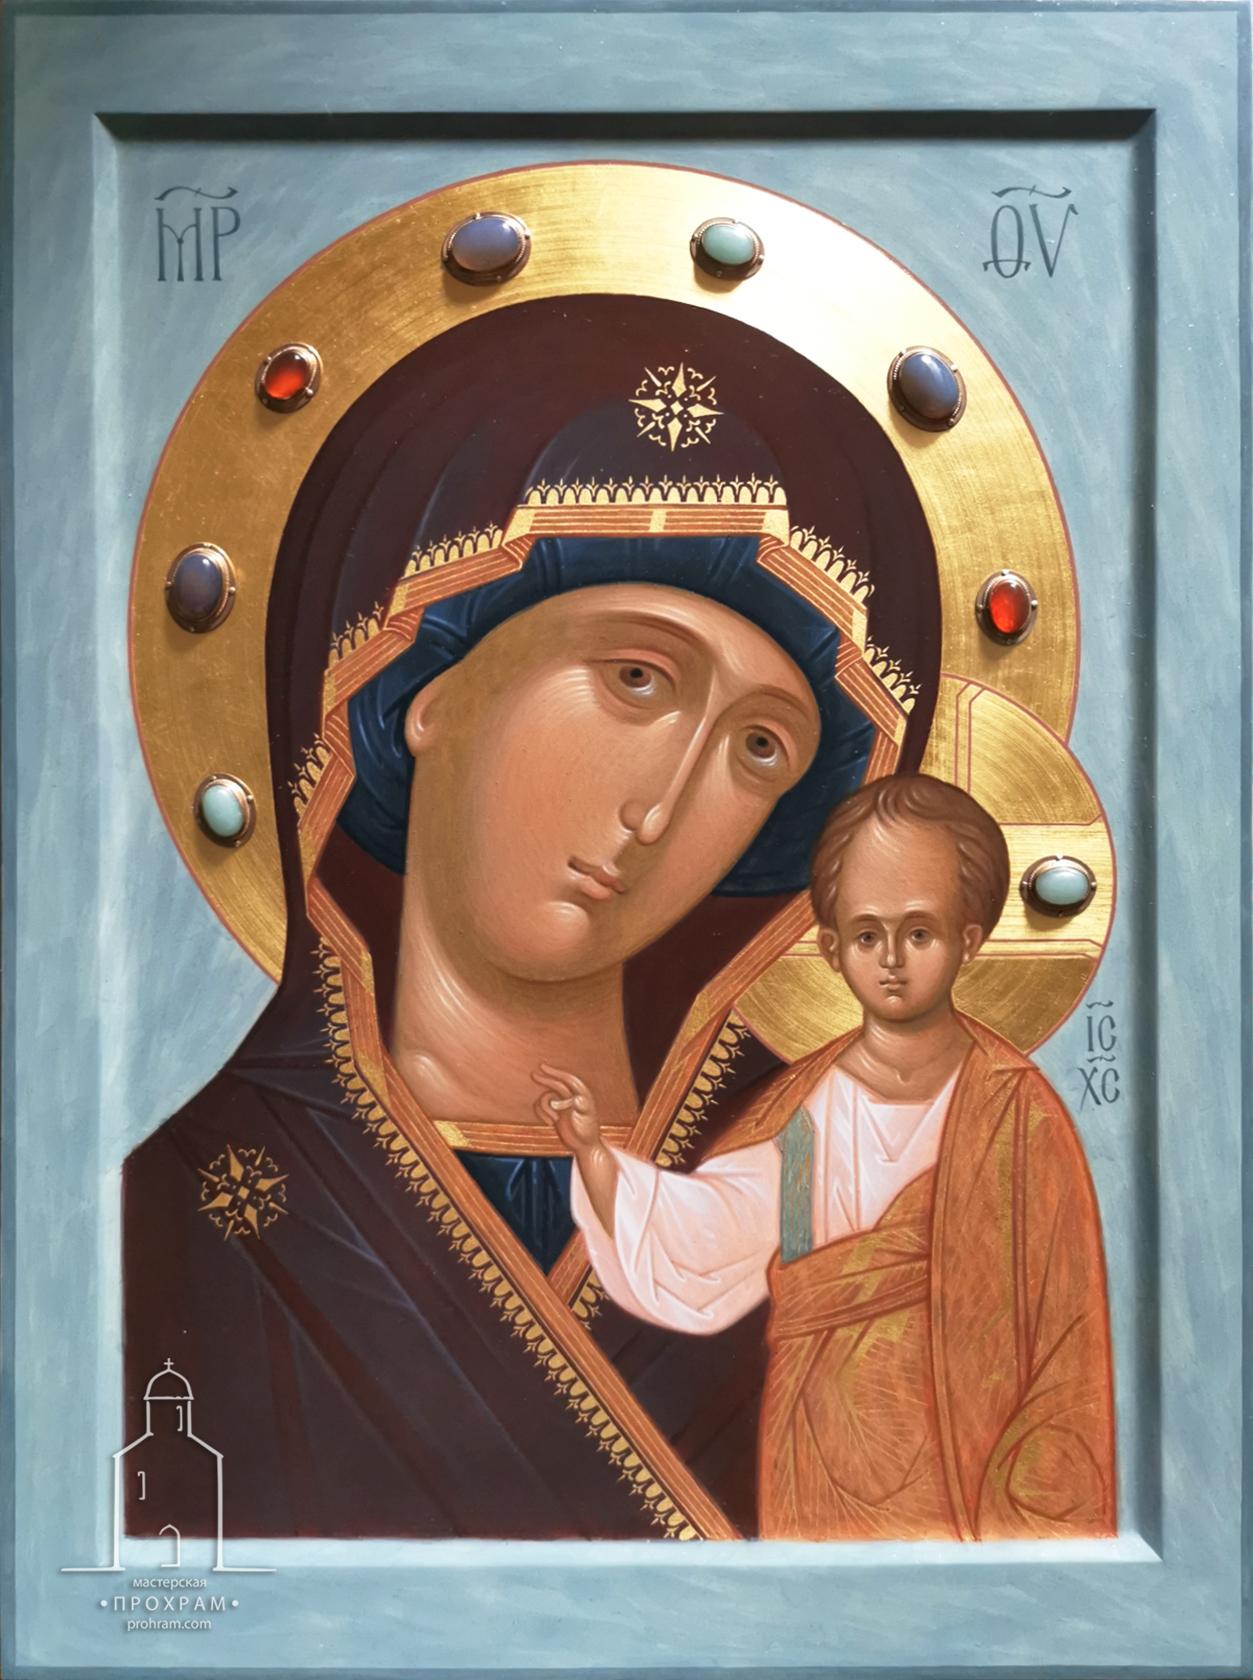 икона Божией Матери Казанская, иконопись, писаная икона, икона на заказ, икона на заказ в Минске